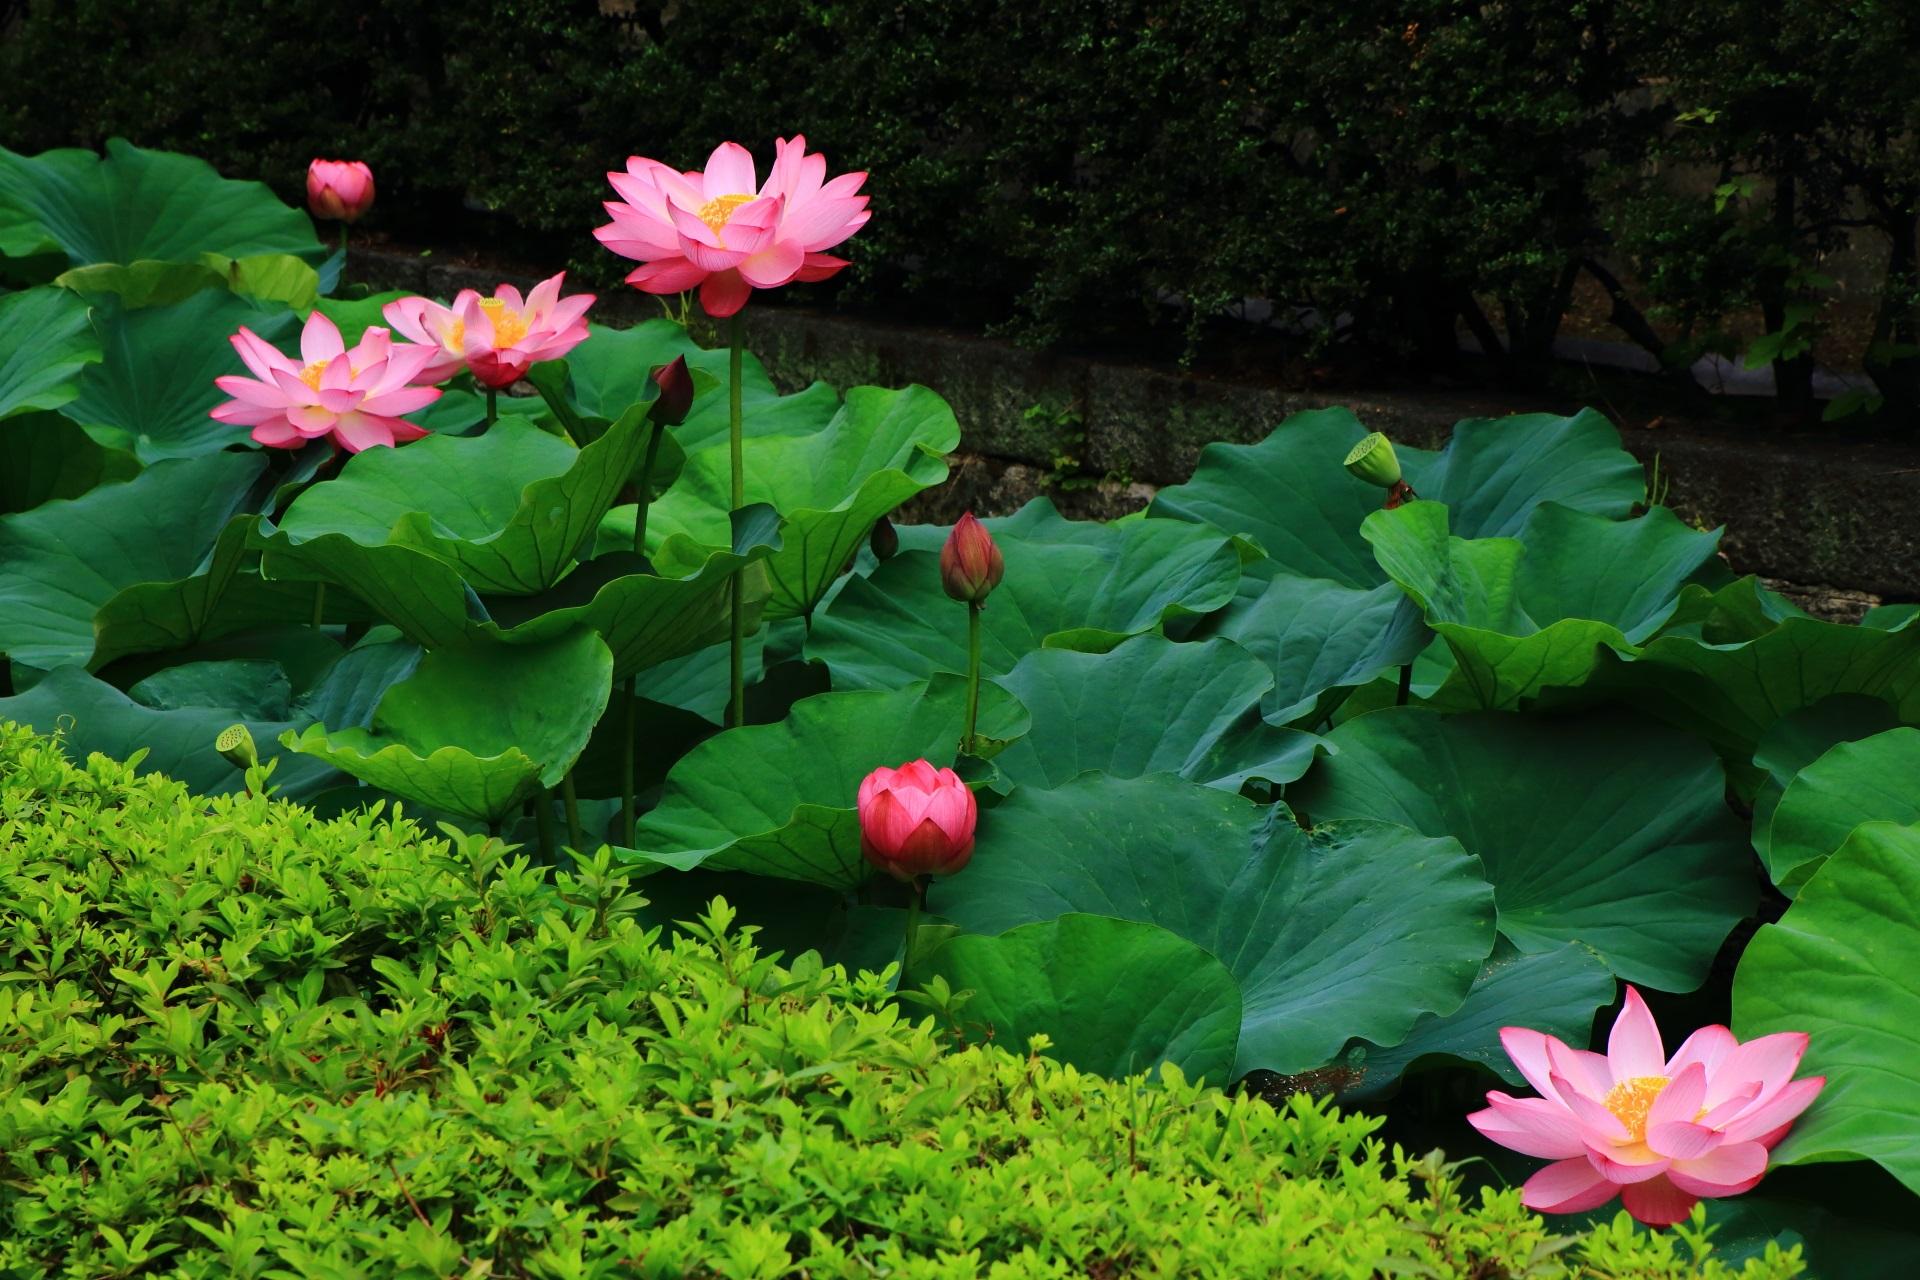 東本願寺 蓮 お堀を彩る華やかな蓮の花